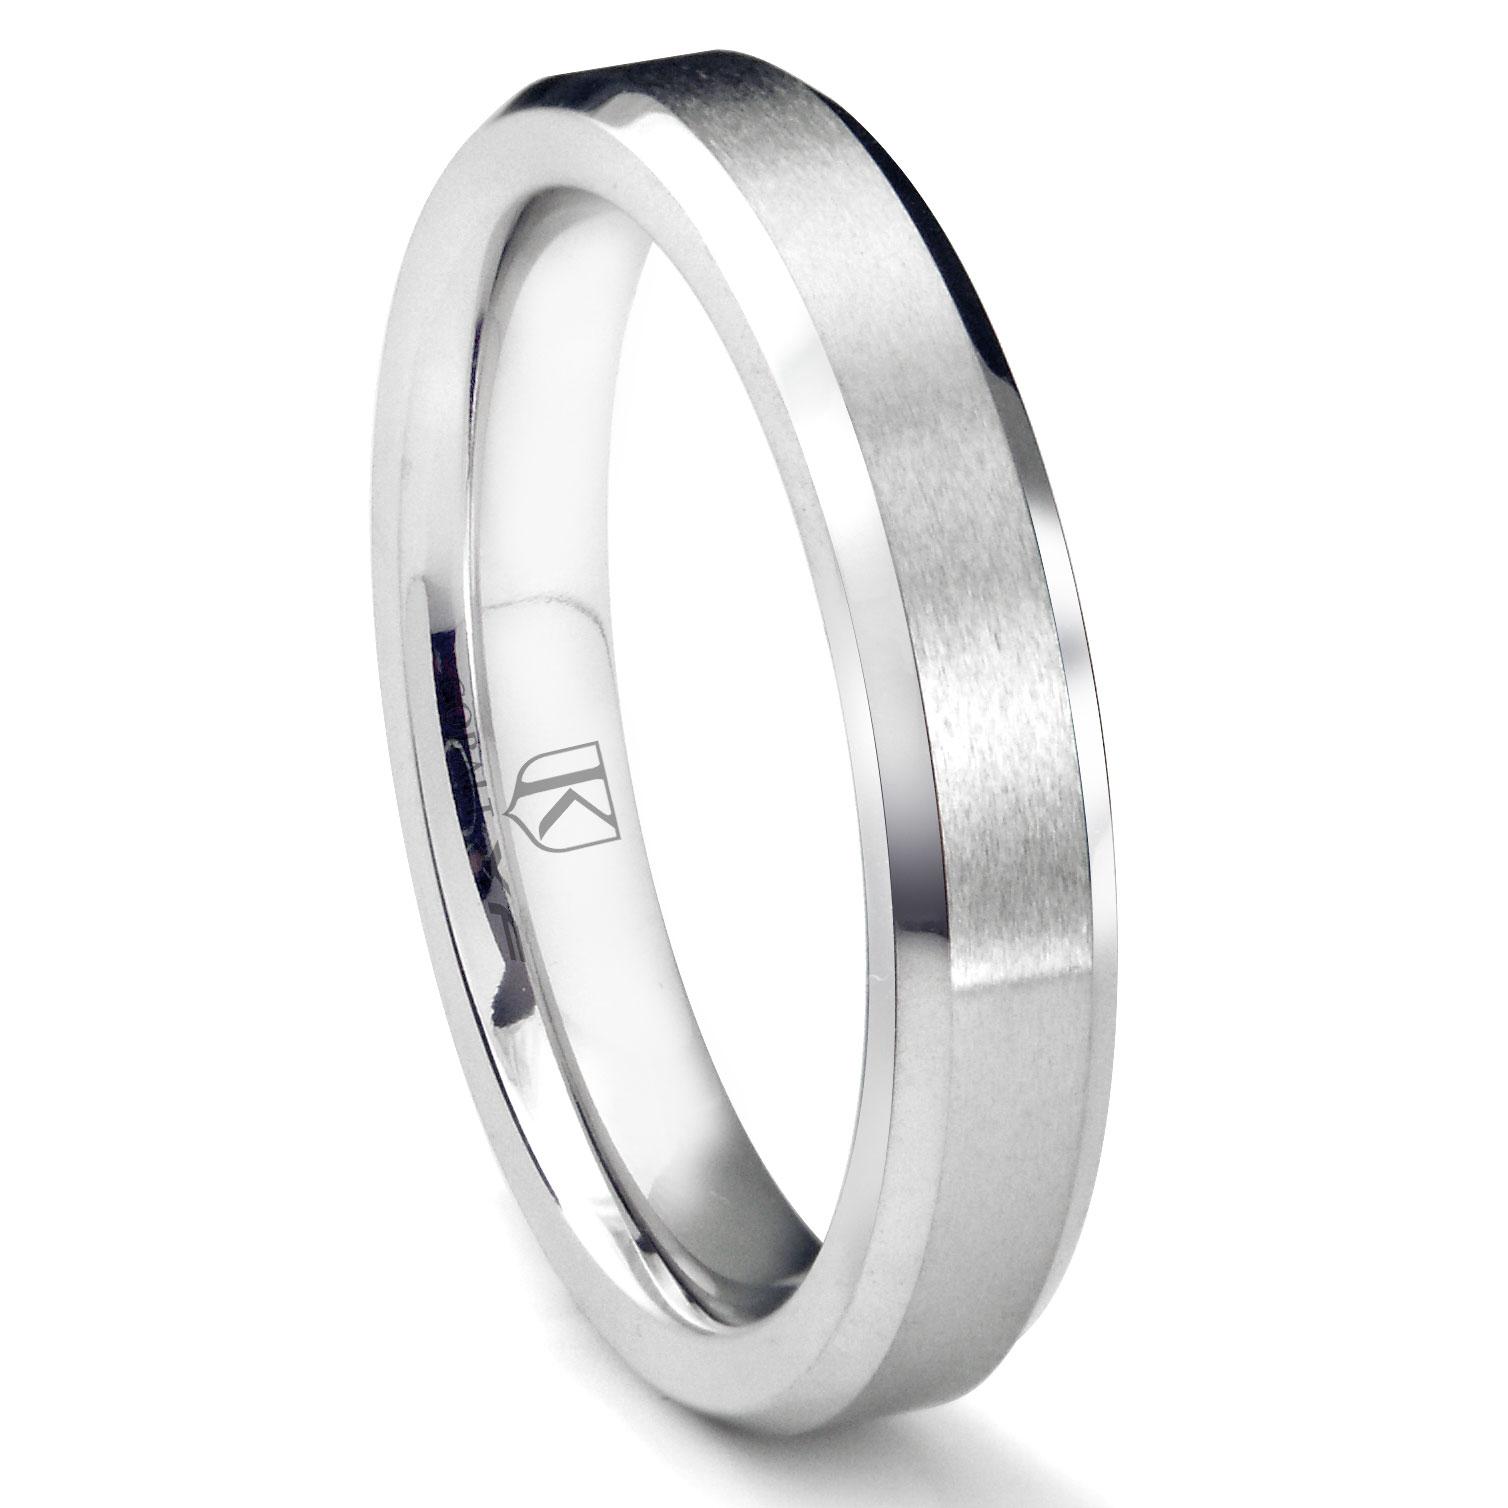 Cobalt Xf Chrome 4mm Brush Center Beveled Wedding Band Ring